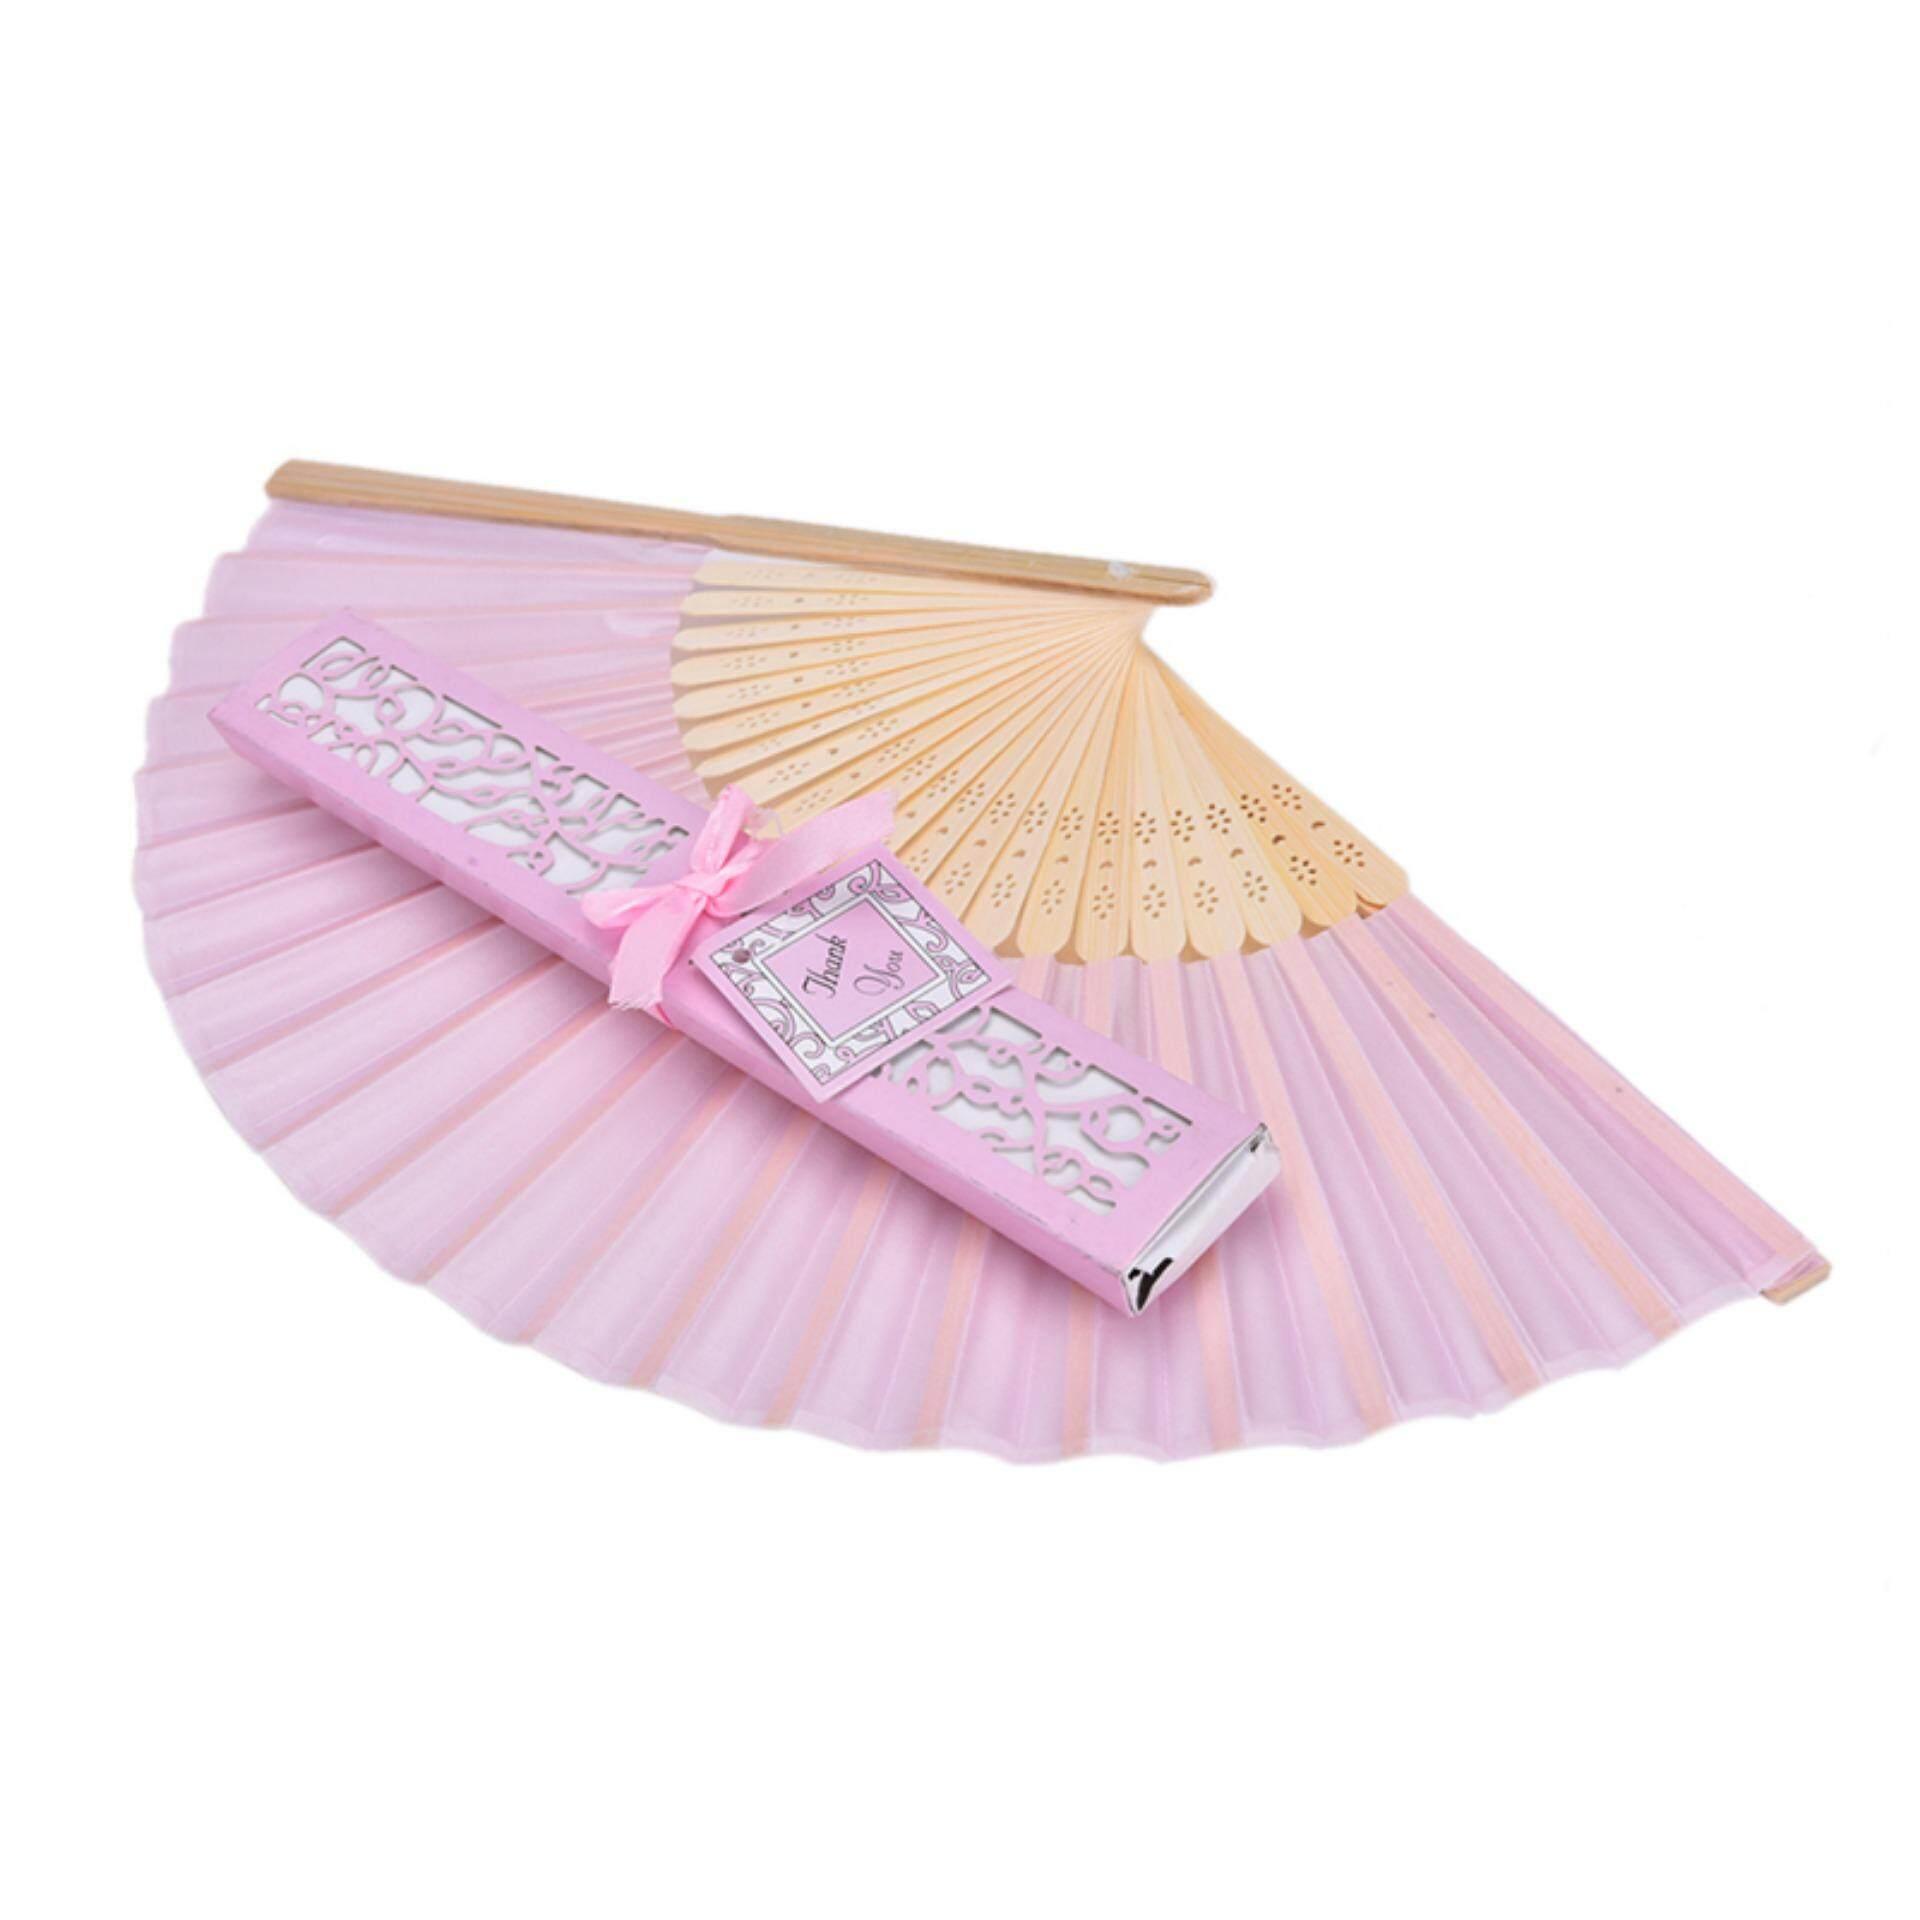 pink standing fan